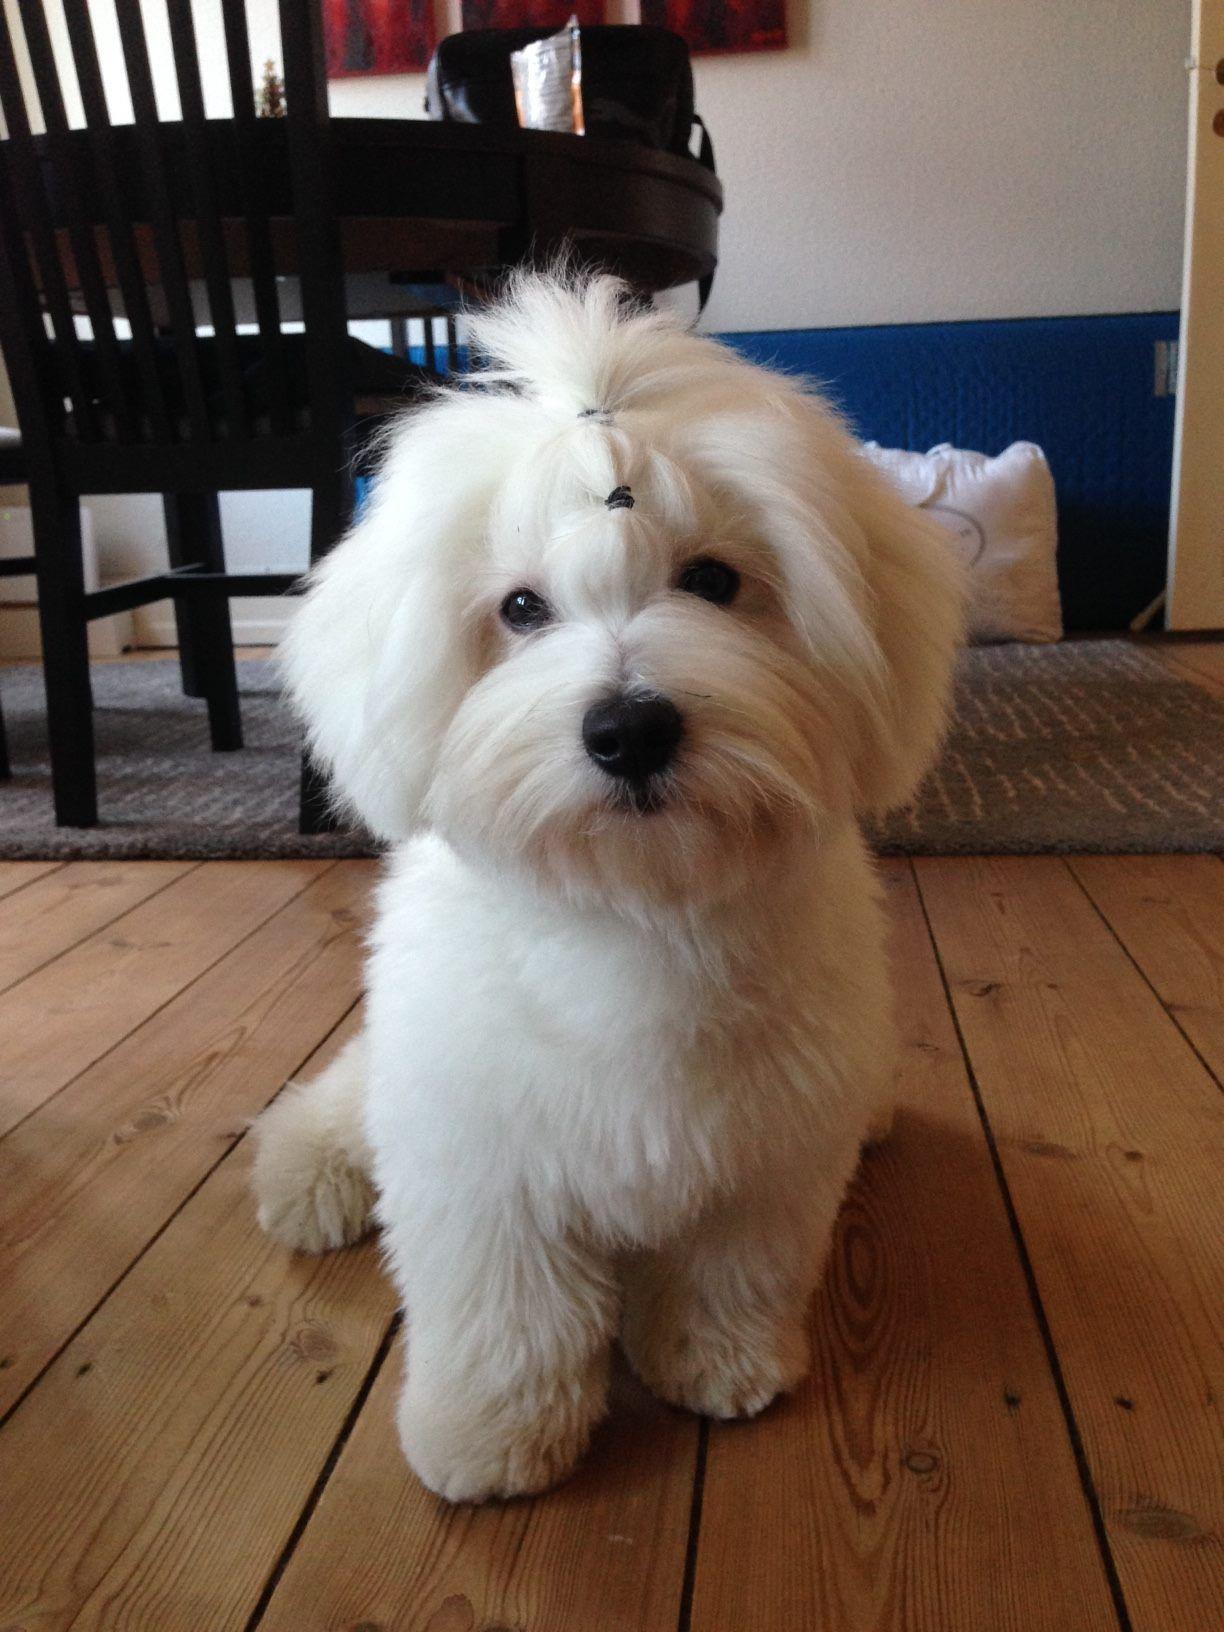 Puppy cut